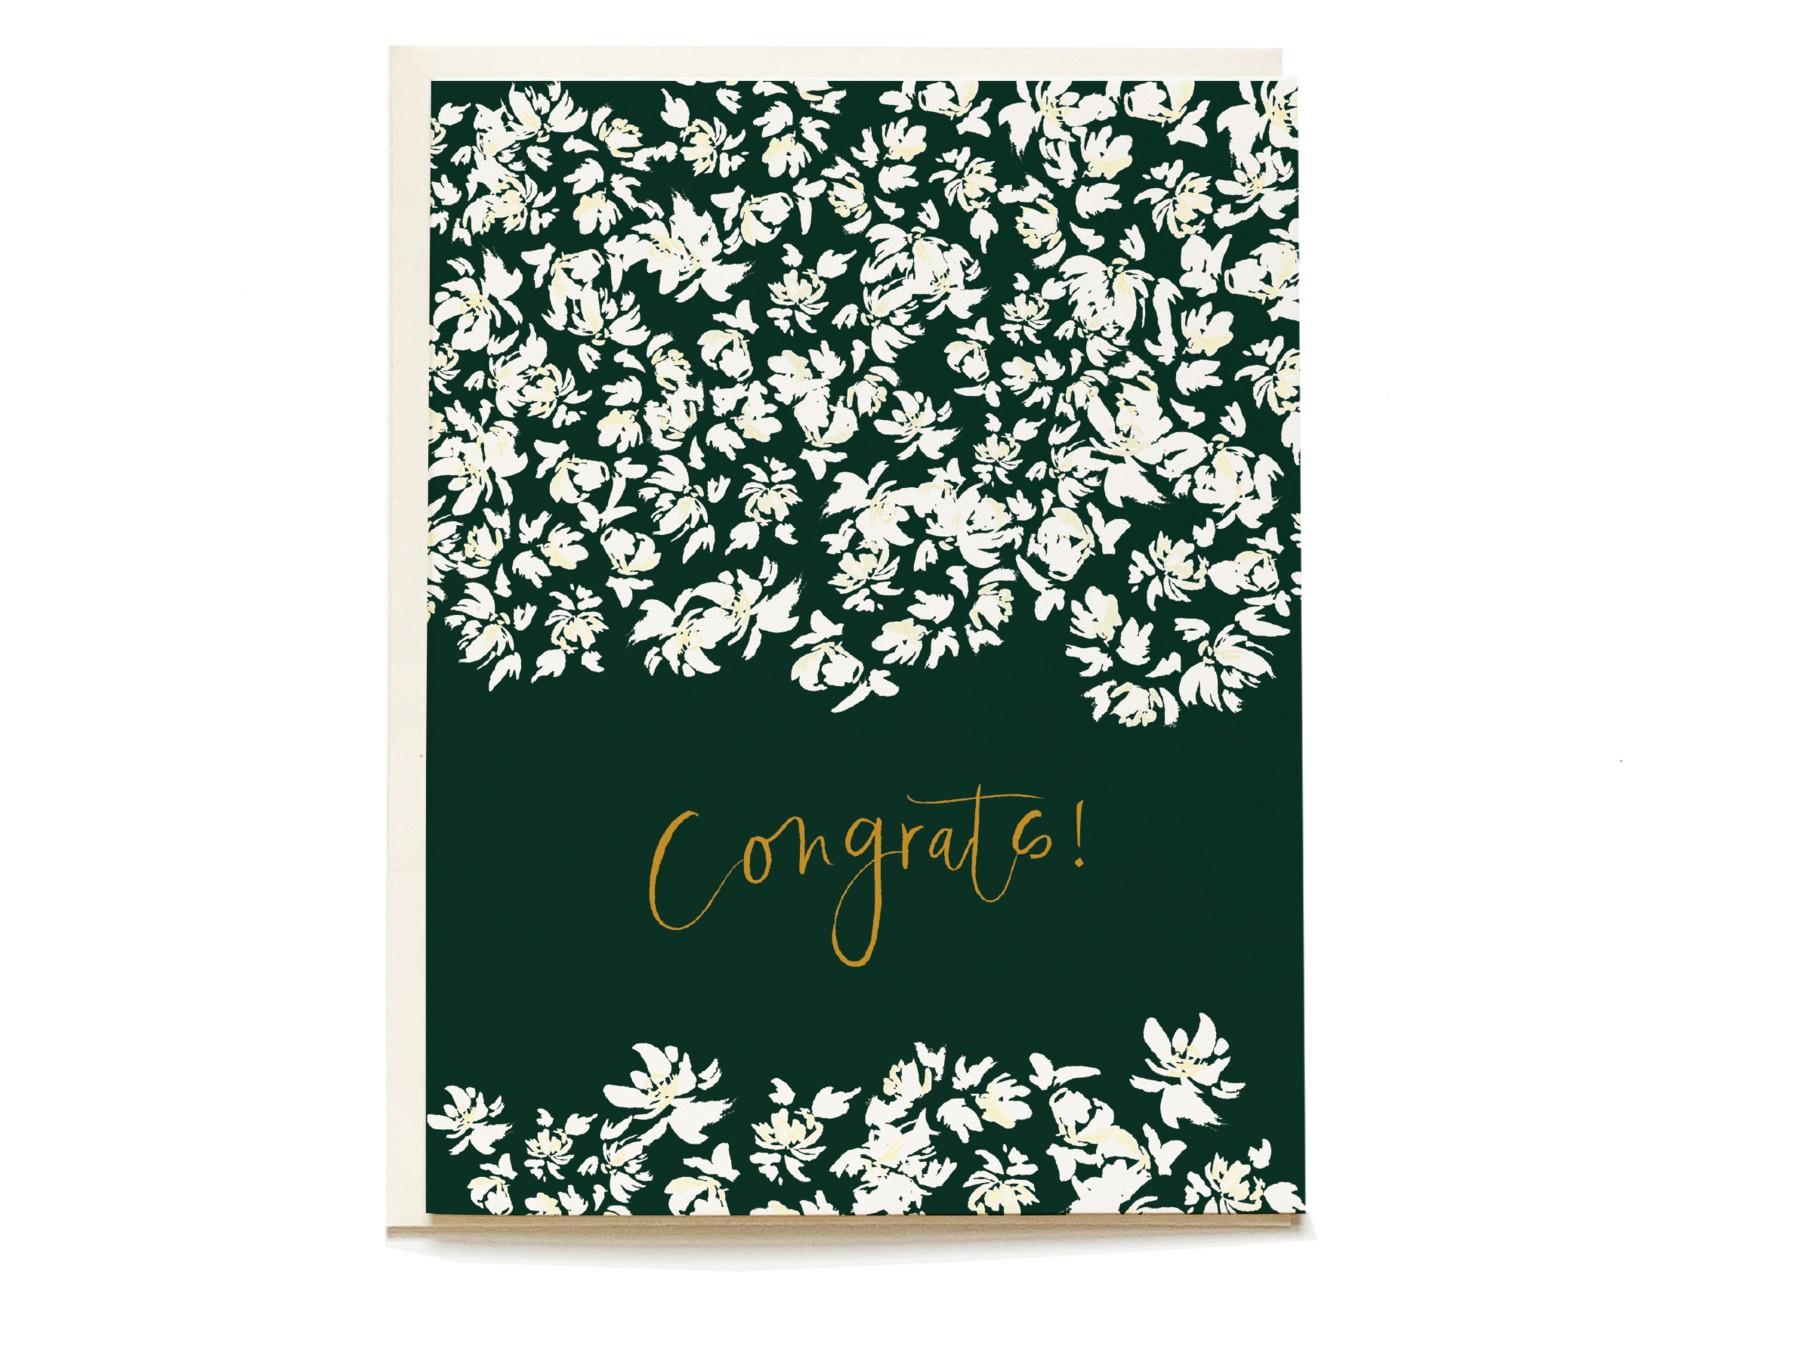 Emerald Posy Congrats Card